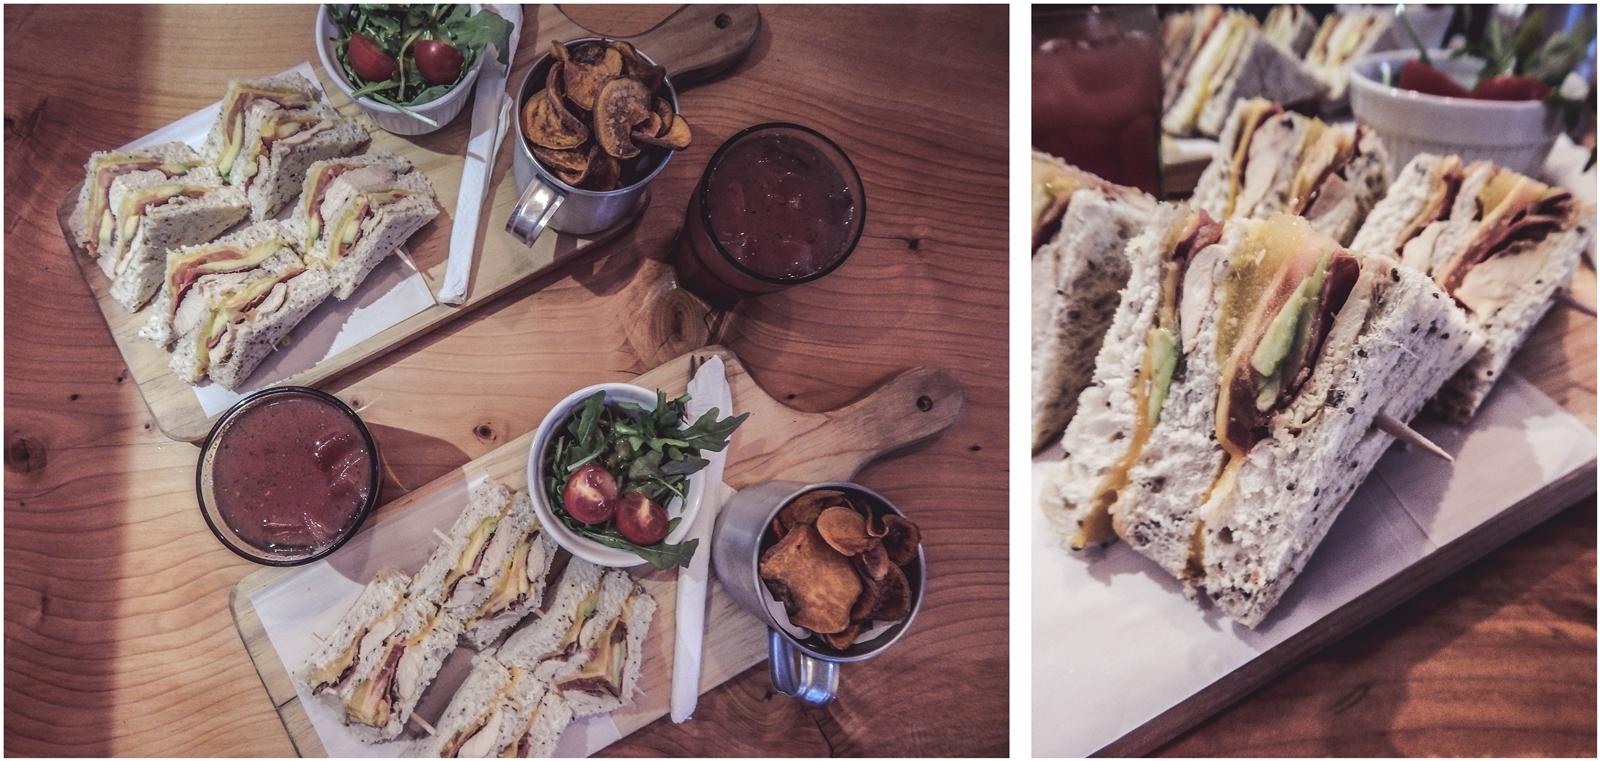 Co zjesc w Porto - Food Corner, recenzje, opinie, wrazenia, jedzenie Forneria Invicta, Munchie, Temako,  Abacate, Maza. The best sushi, pizza, macarons, sandwitches, burgers in Porto. Gdzie zjeść w Porto. Co warto zjesc w Porto, w Portugalii, tanie jedzenie w Porto, tanie restauracje w Porto.